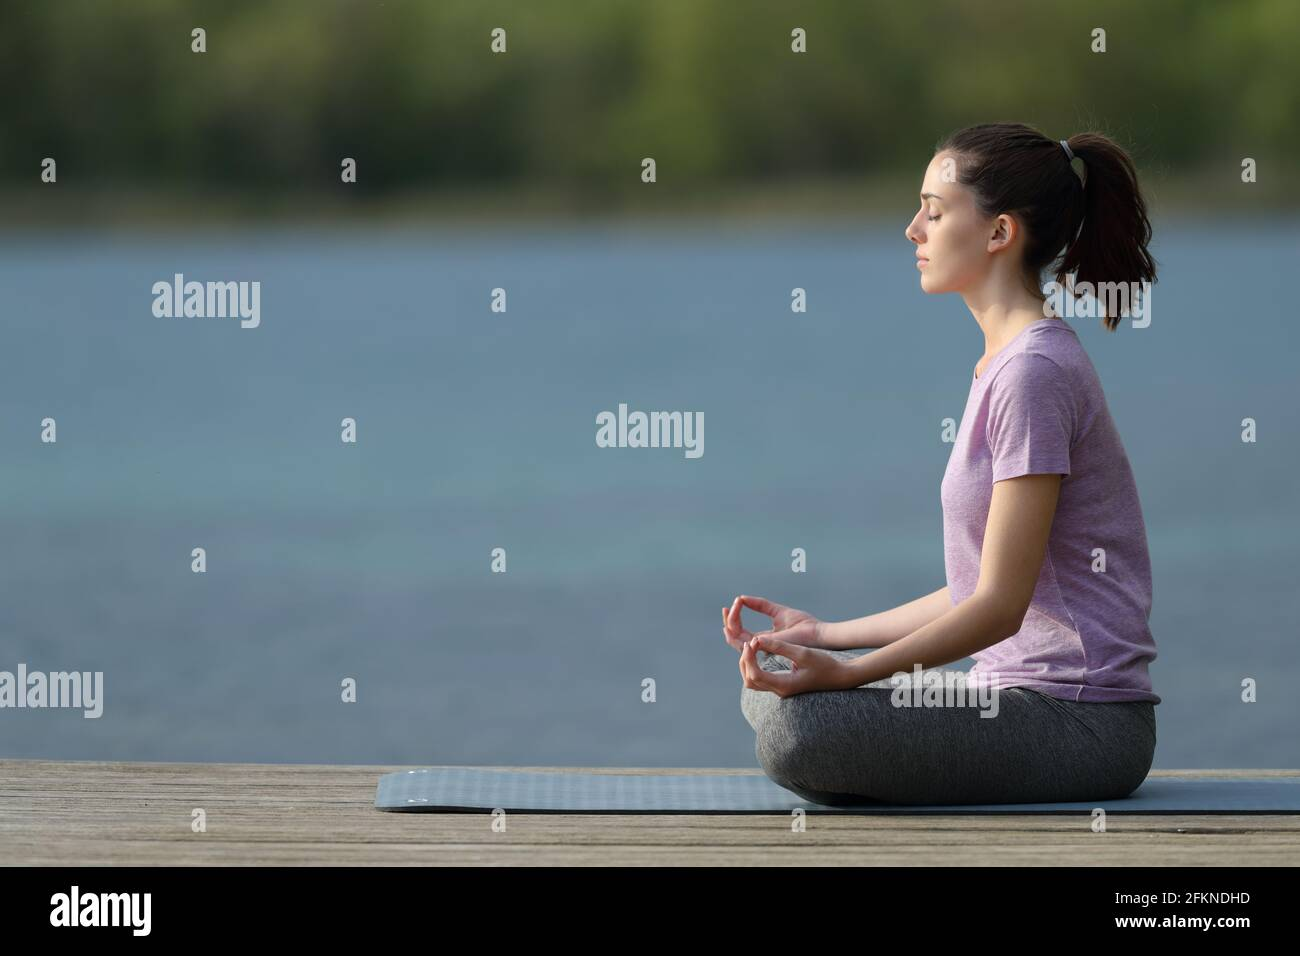 Profil d'un yogi pratiquant le yoga dans un quai à côté un lac Banque D'Images